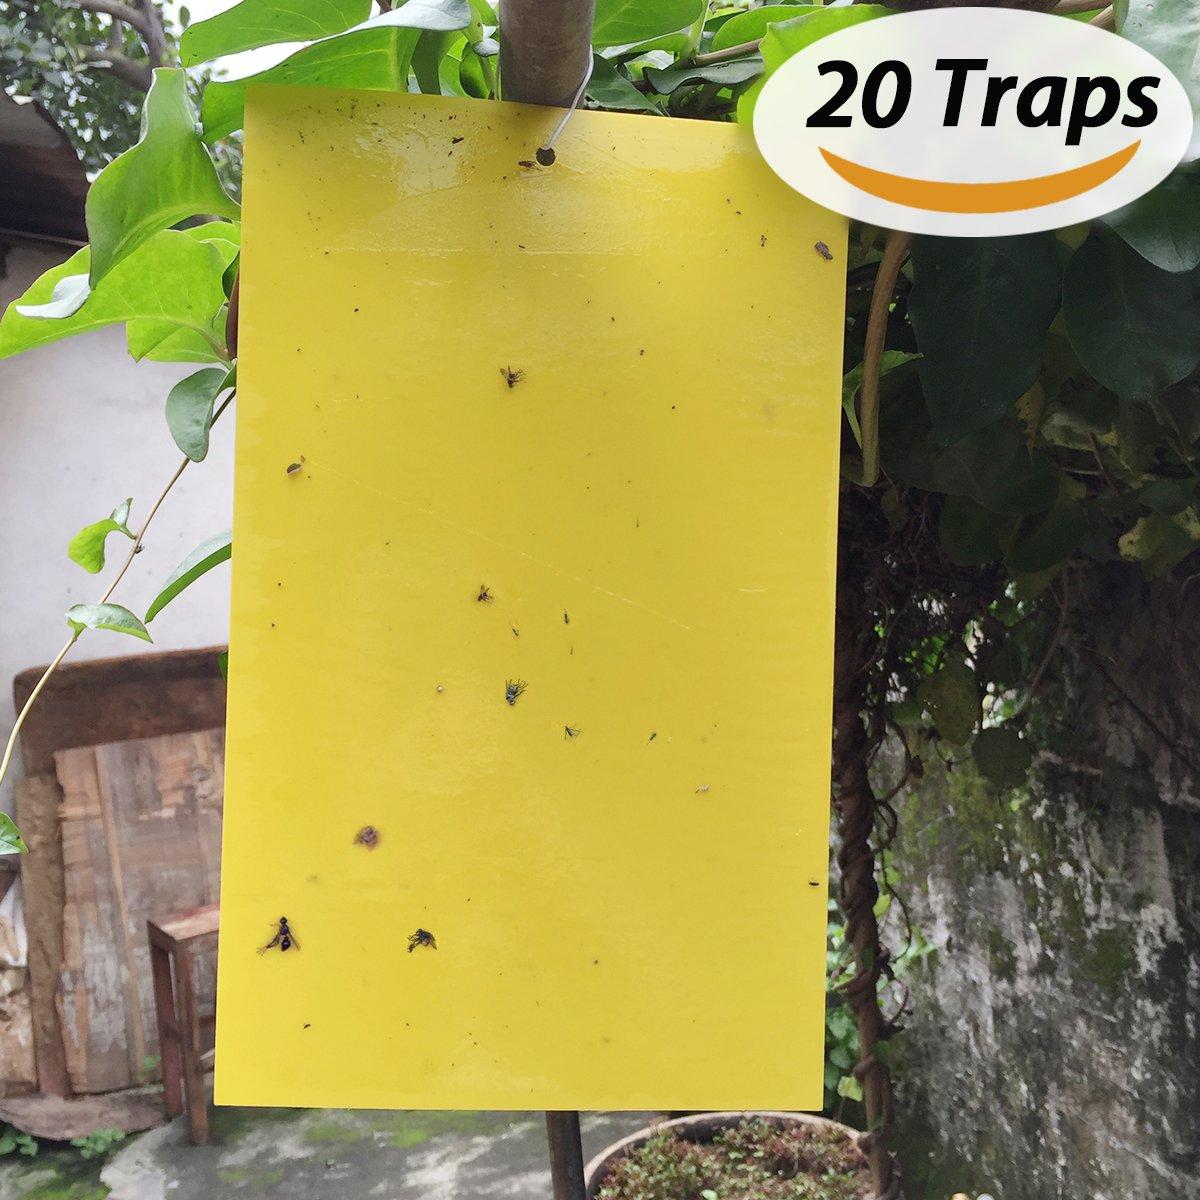 BESKIT 20パック害虫捕獲粘着紙 両面イエローシート ブヨ/コナジラミ/アブラムシほかの飛翔類昆虫に対応 B01DYHJYSE